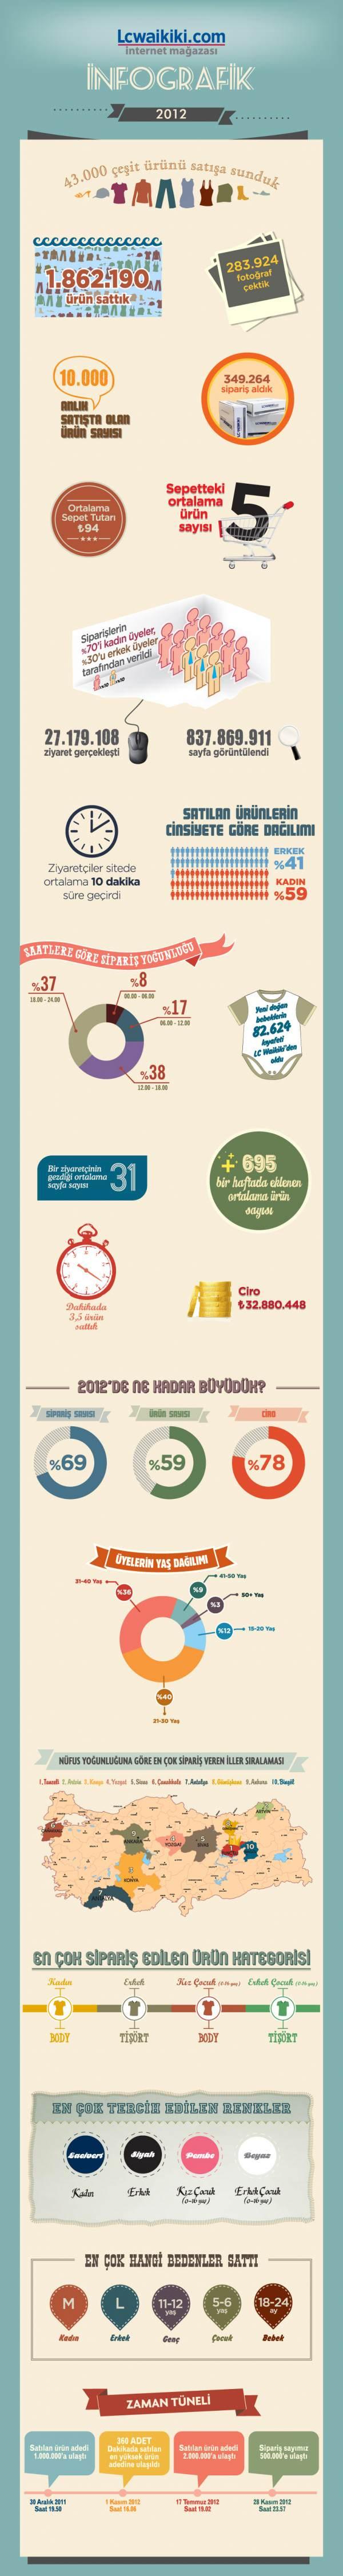 infografik-2012-e1365083486175